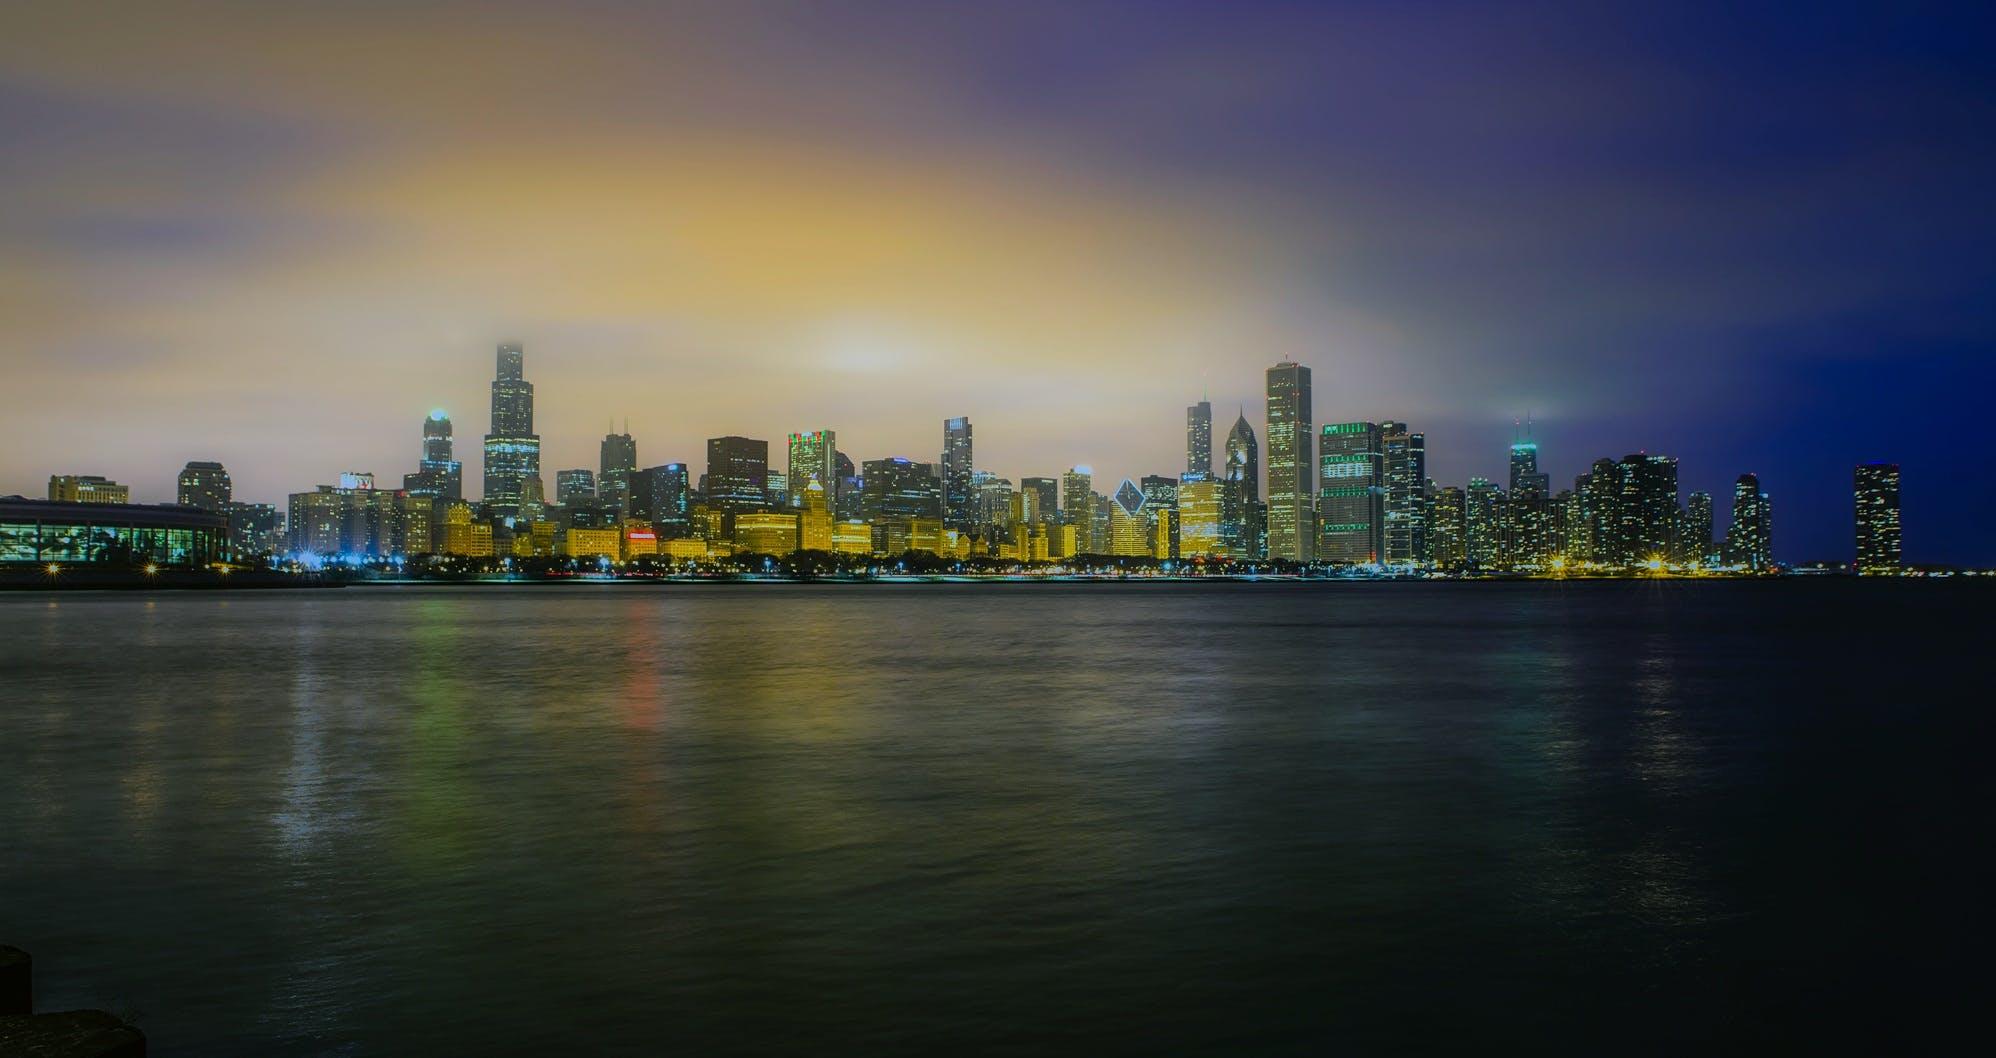 Cityscape Under Blue Sky Background